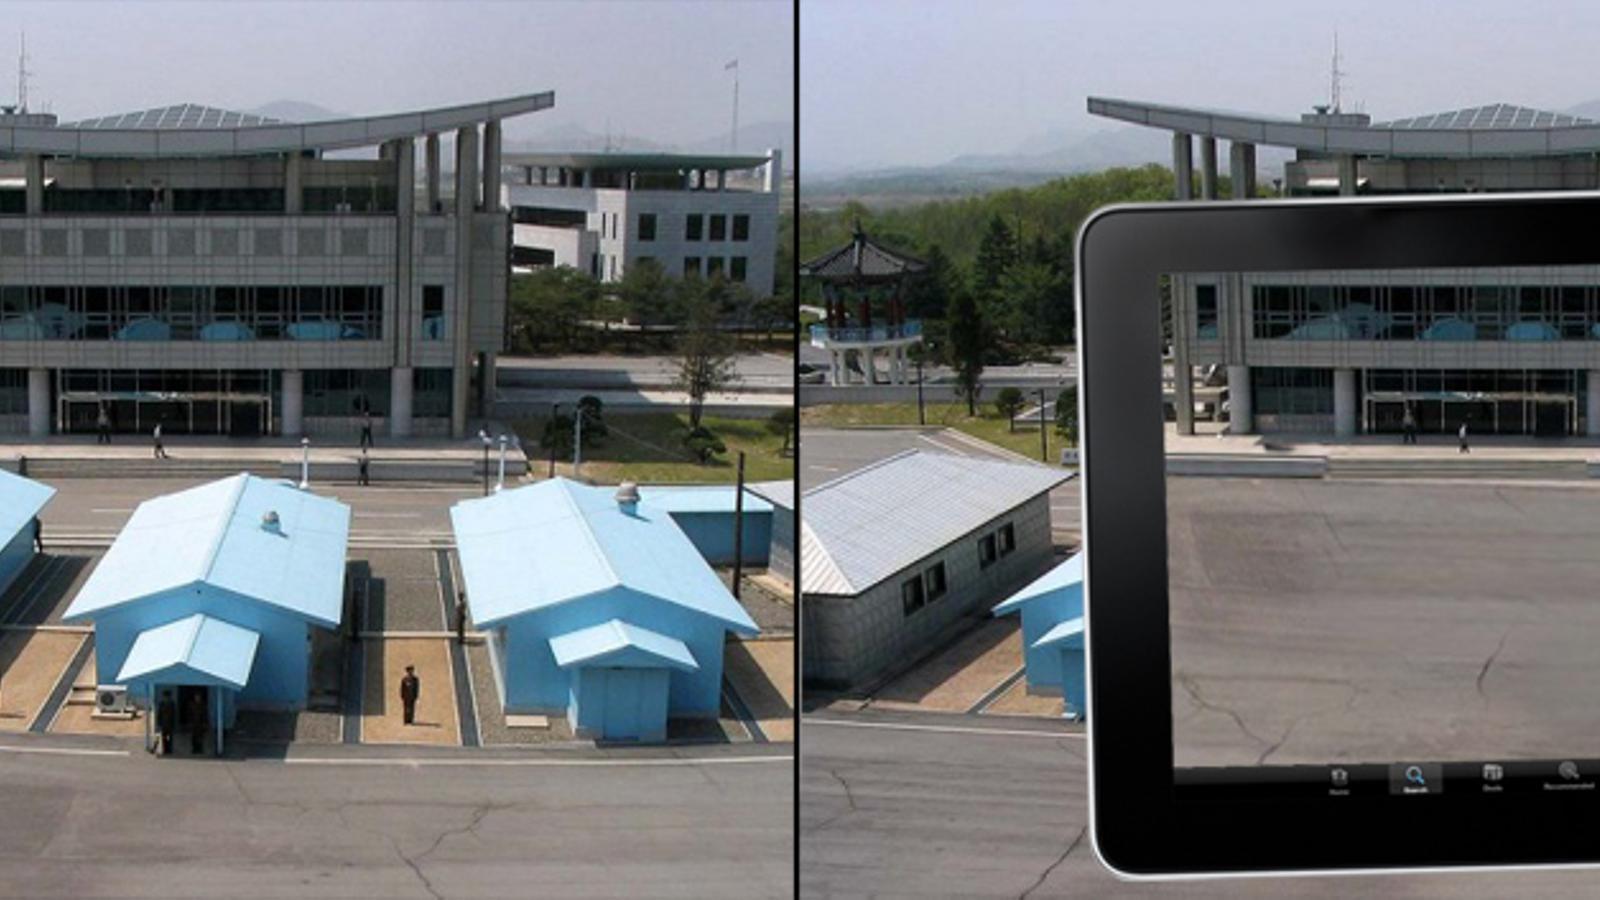 Un projecte de realitat augmentada per impulsar la reunificació de Korea